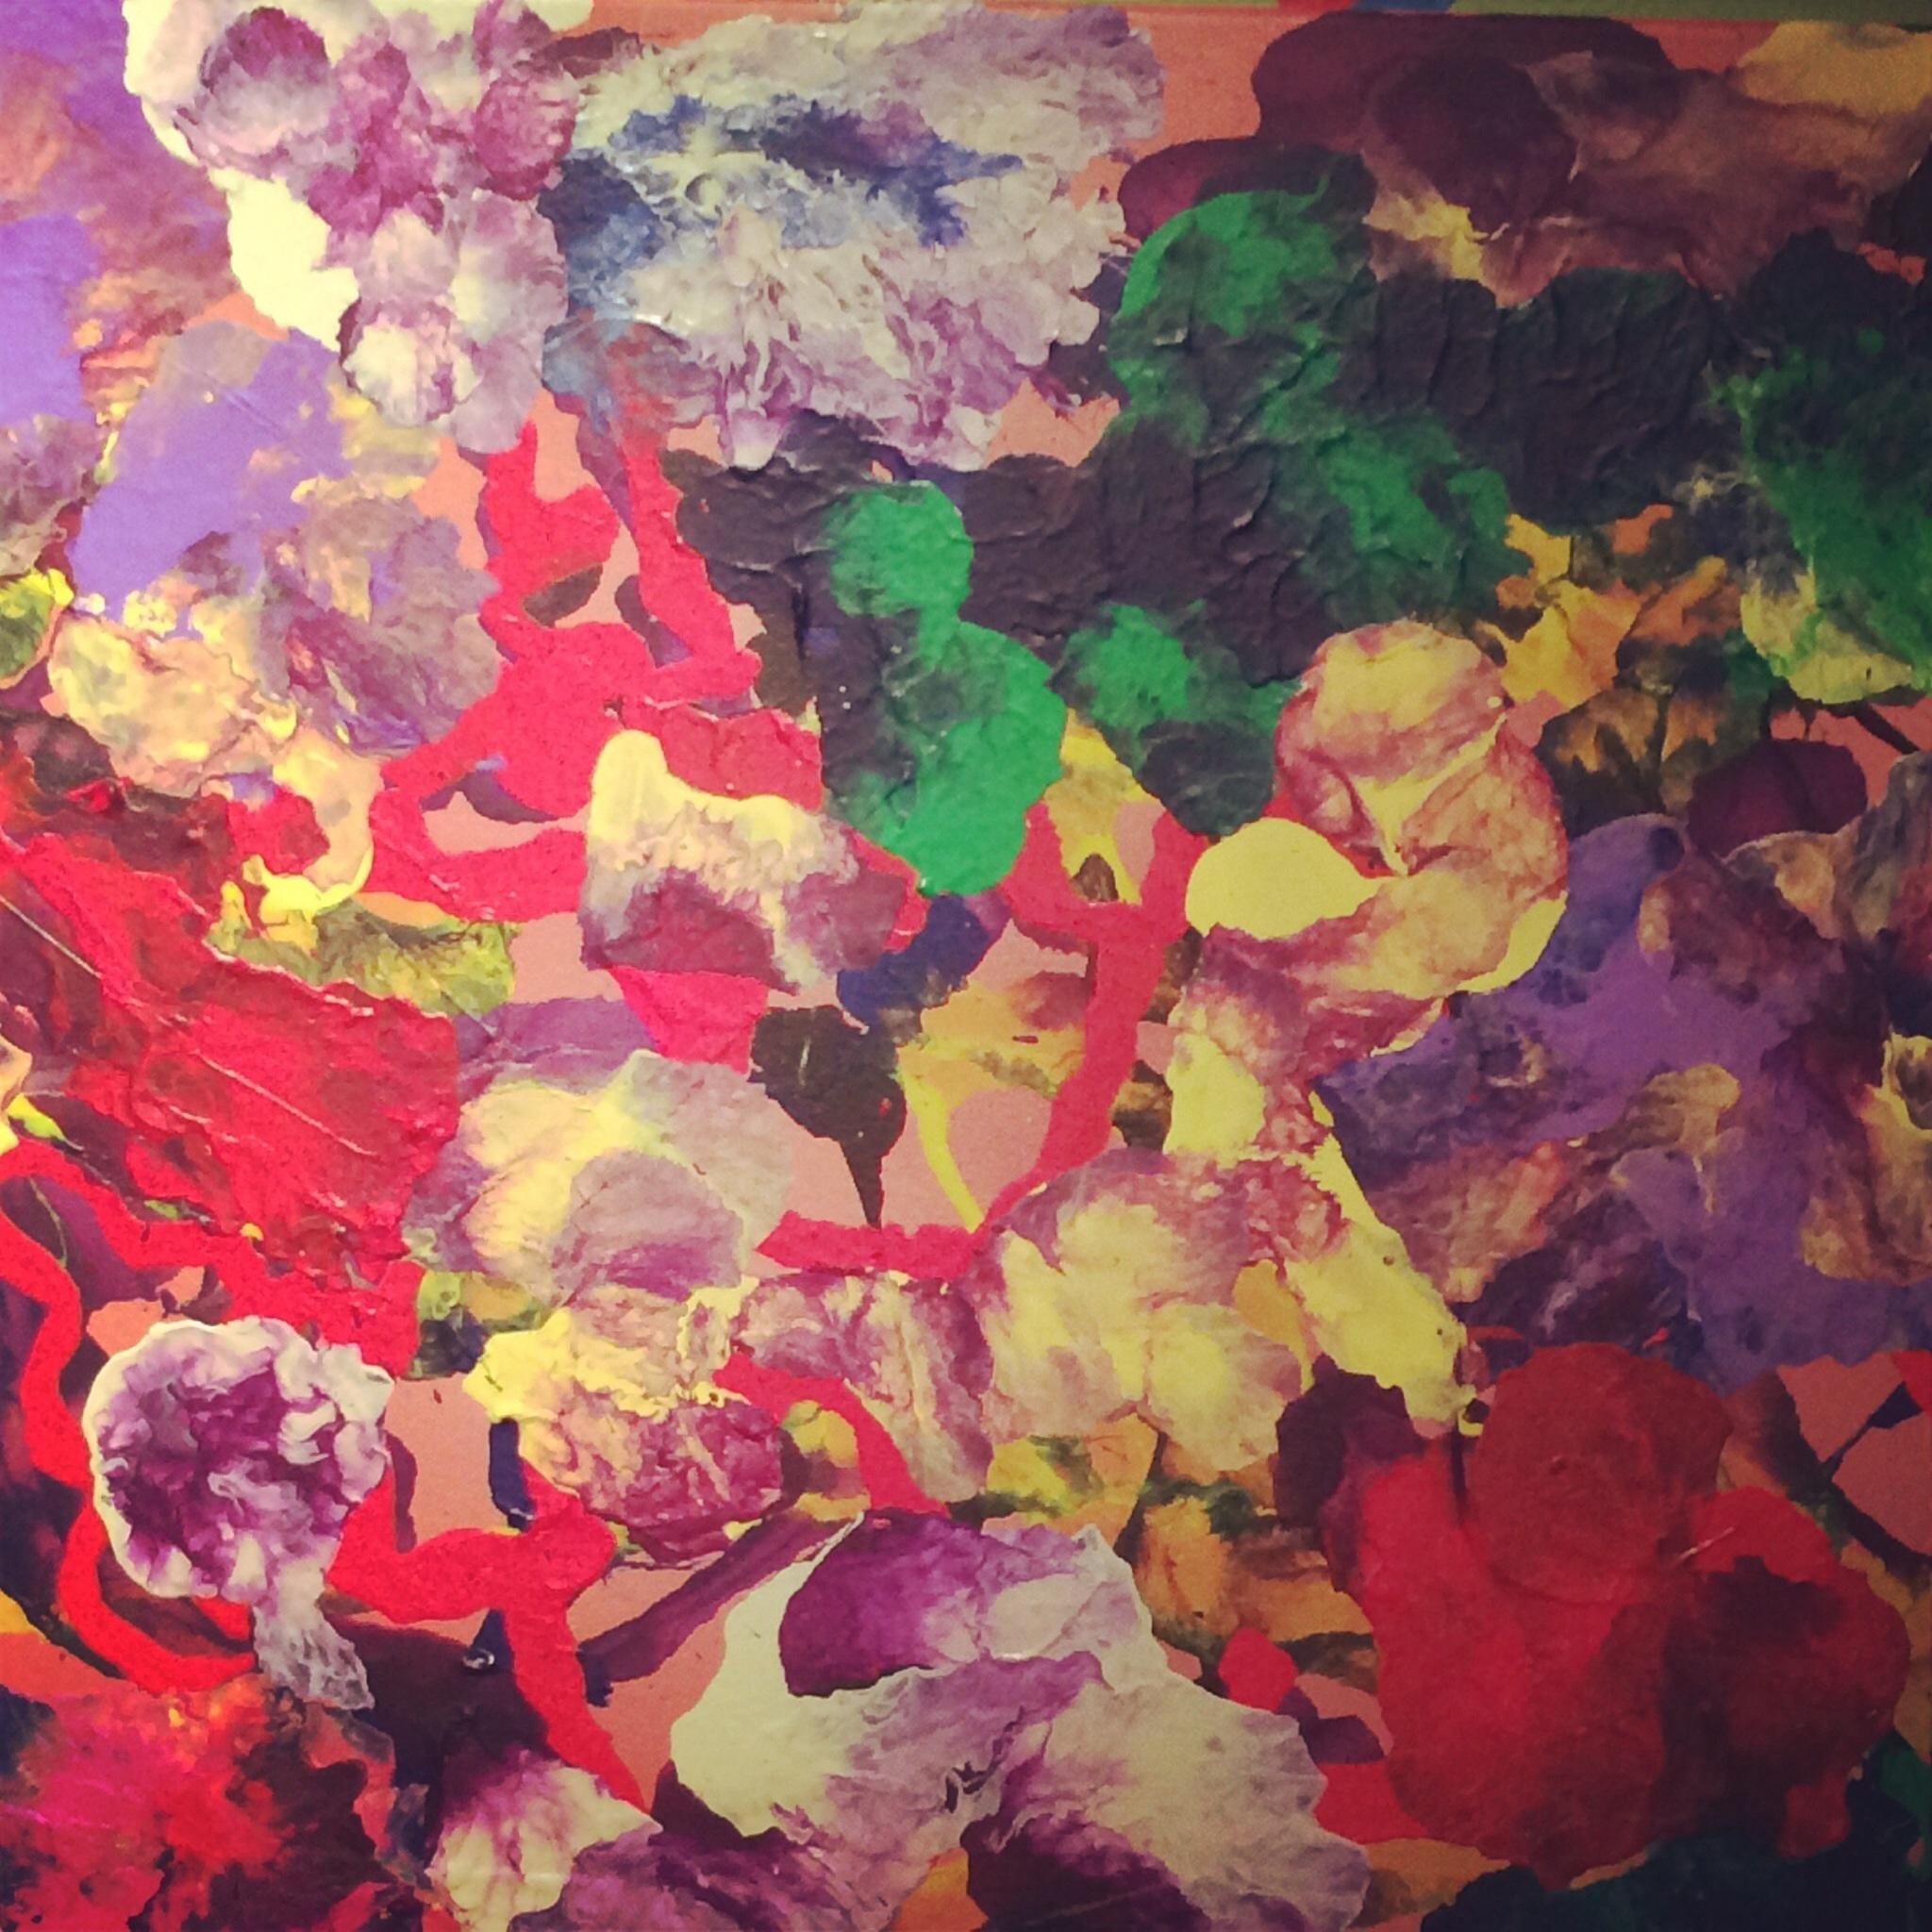 Untitled by larry.jones.12177276